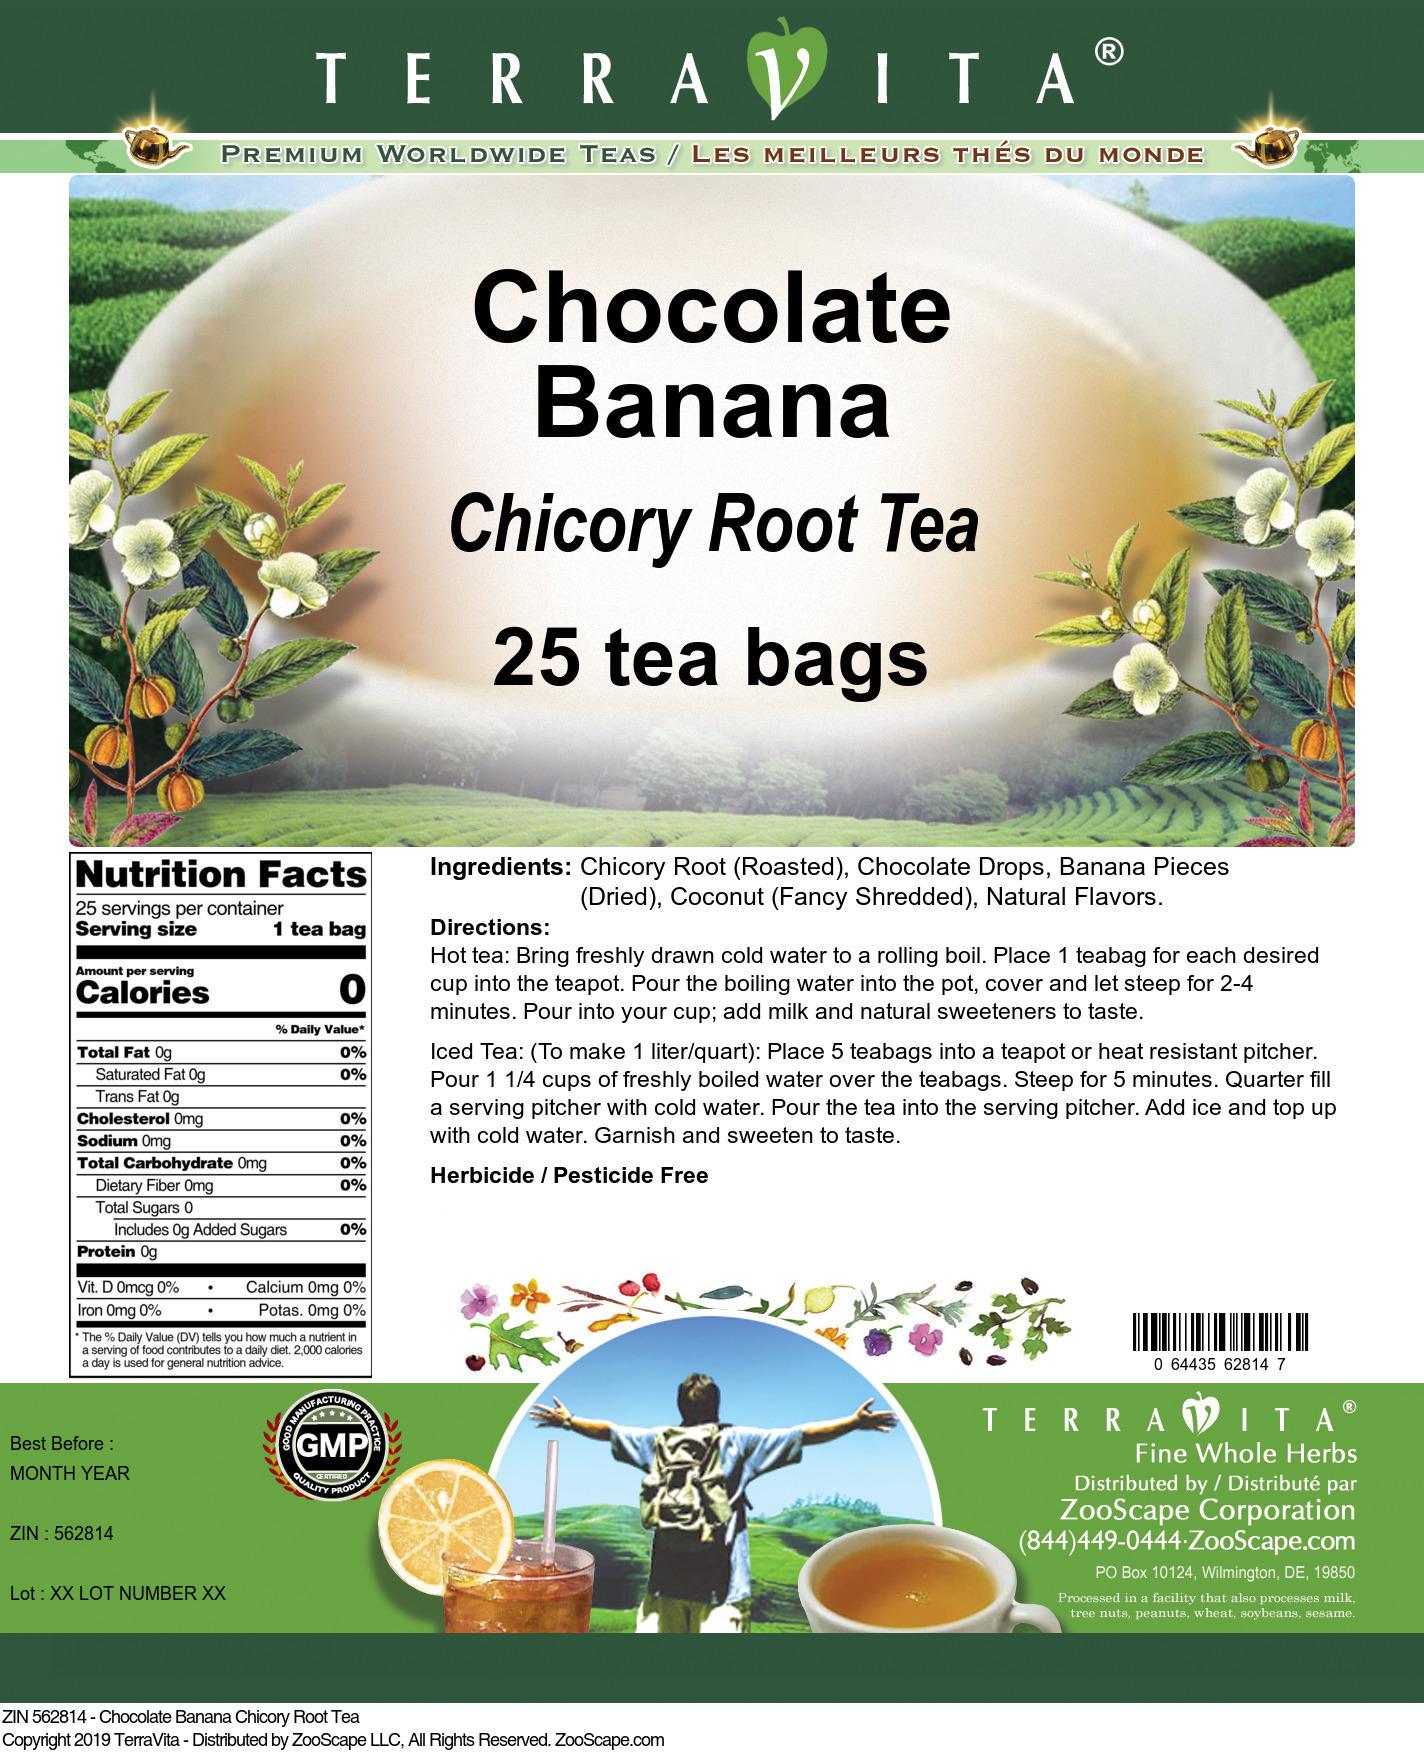 Chocolate Banana Chicory Root Tea